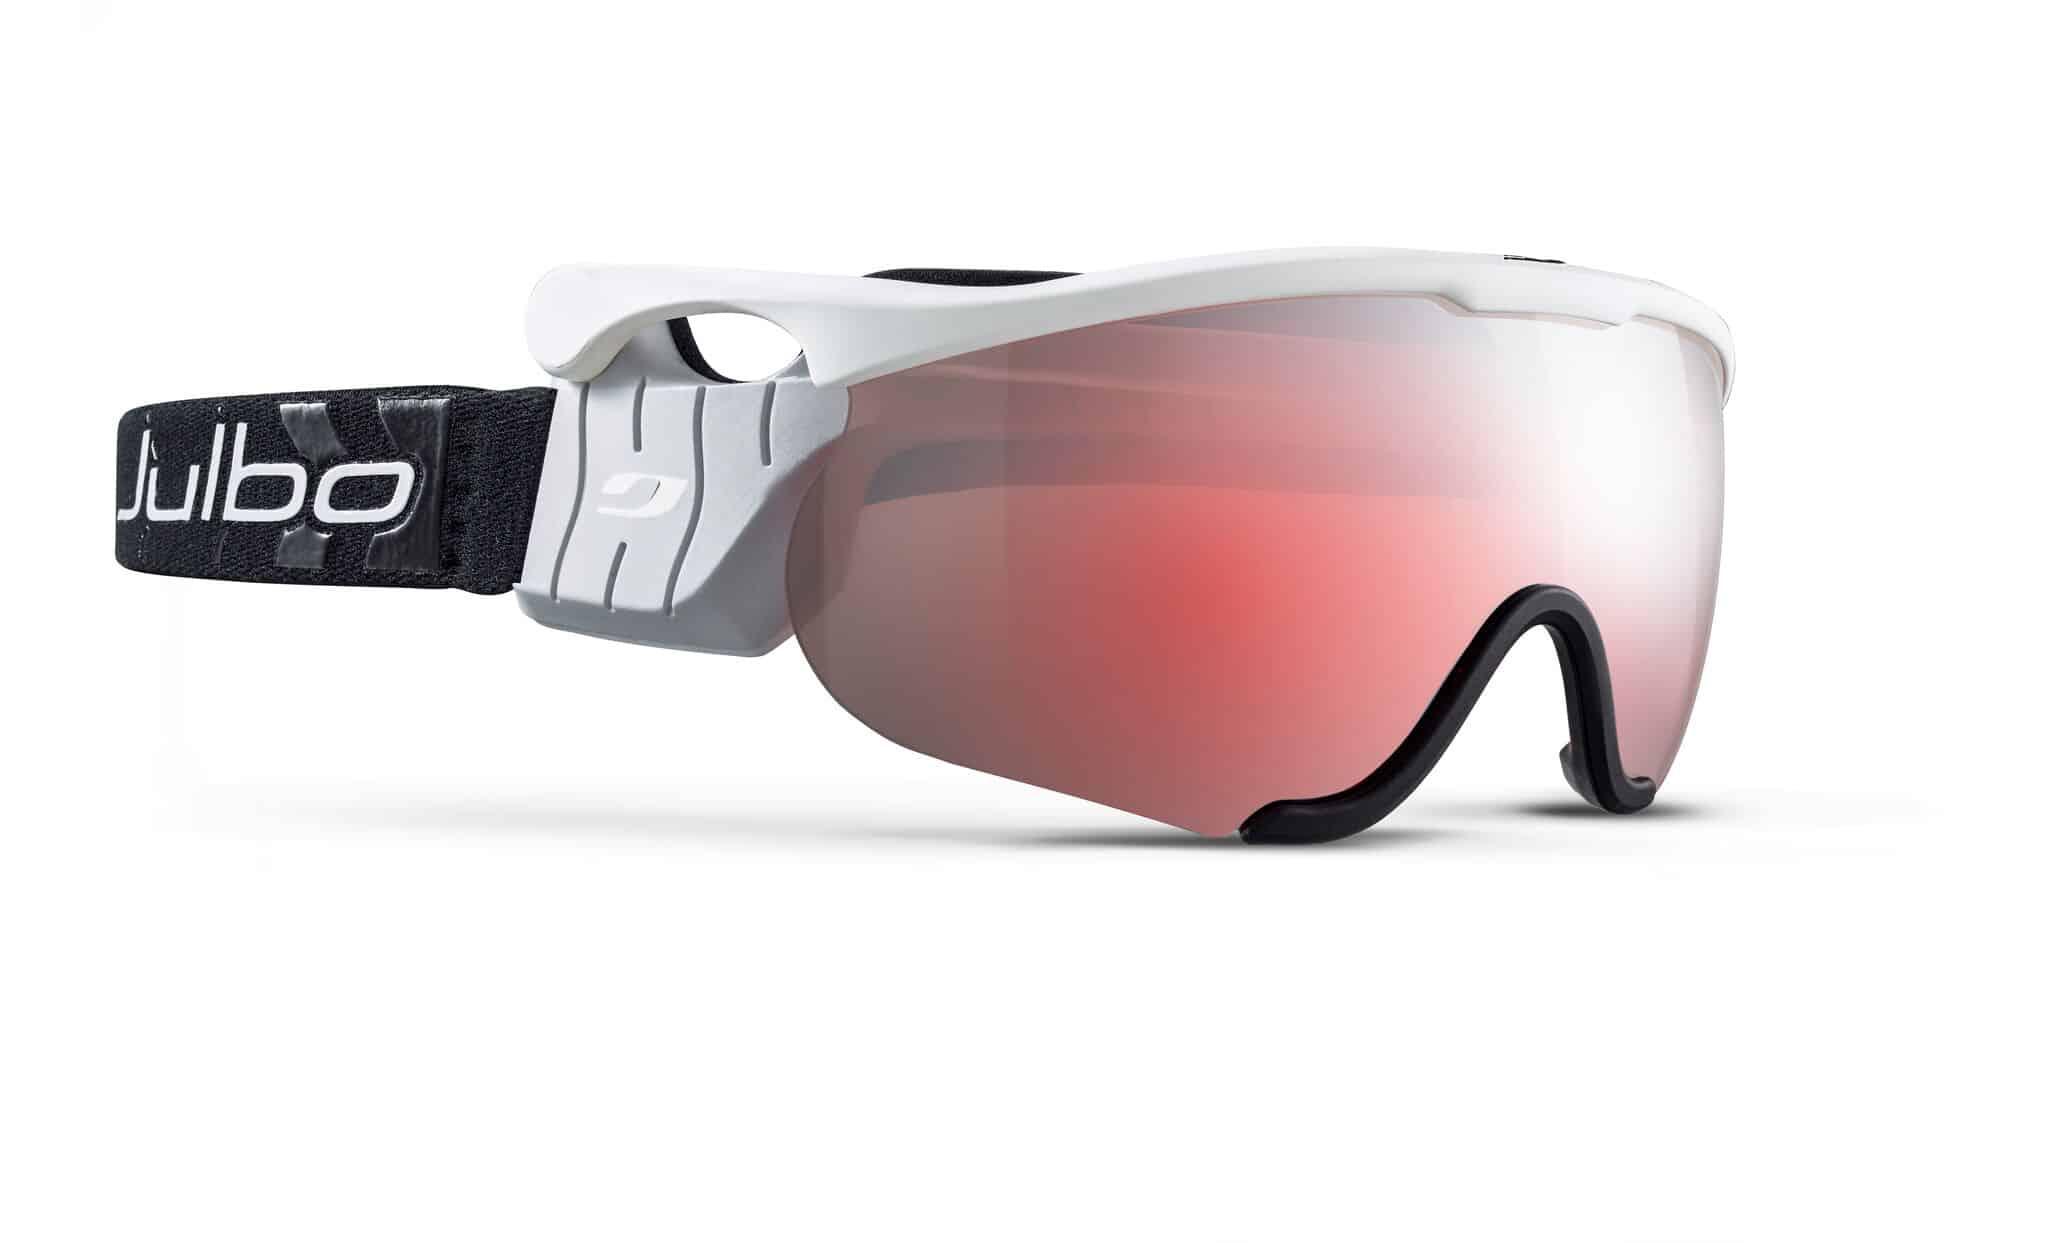 e254b1388c0 Julbo Sniper J69020112 - Ski Goggles